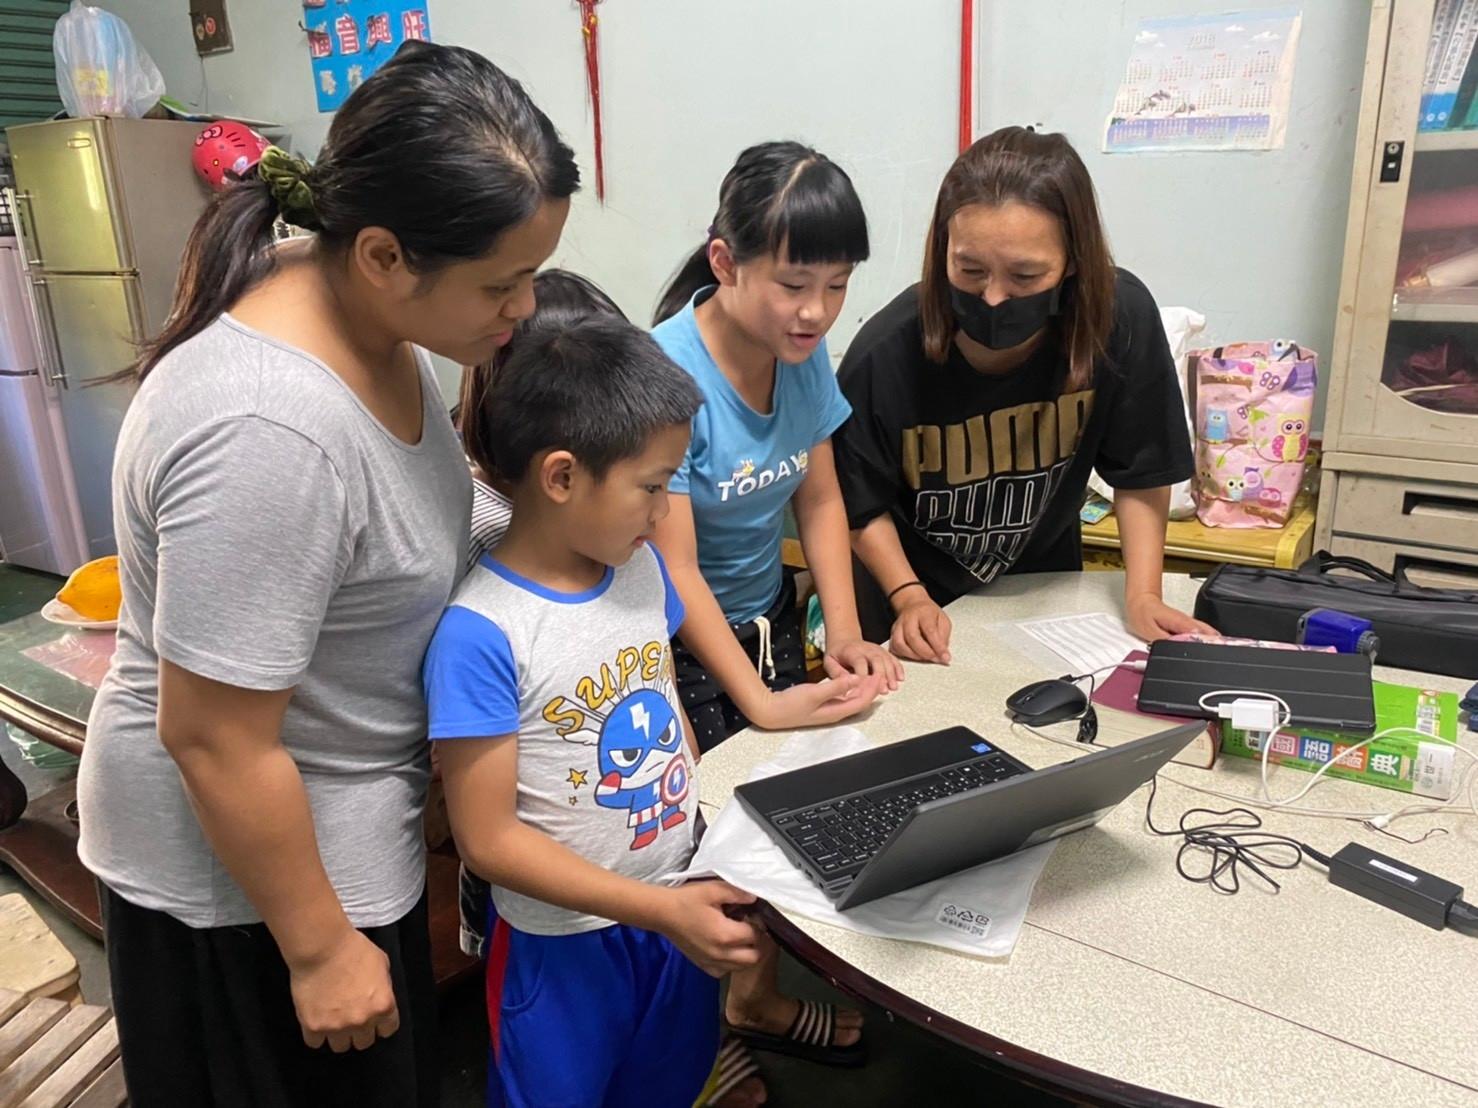 老師詳細為家長和學生講解如何用筆電和學校連線操作